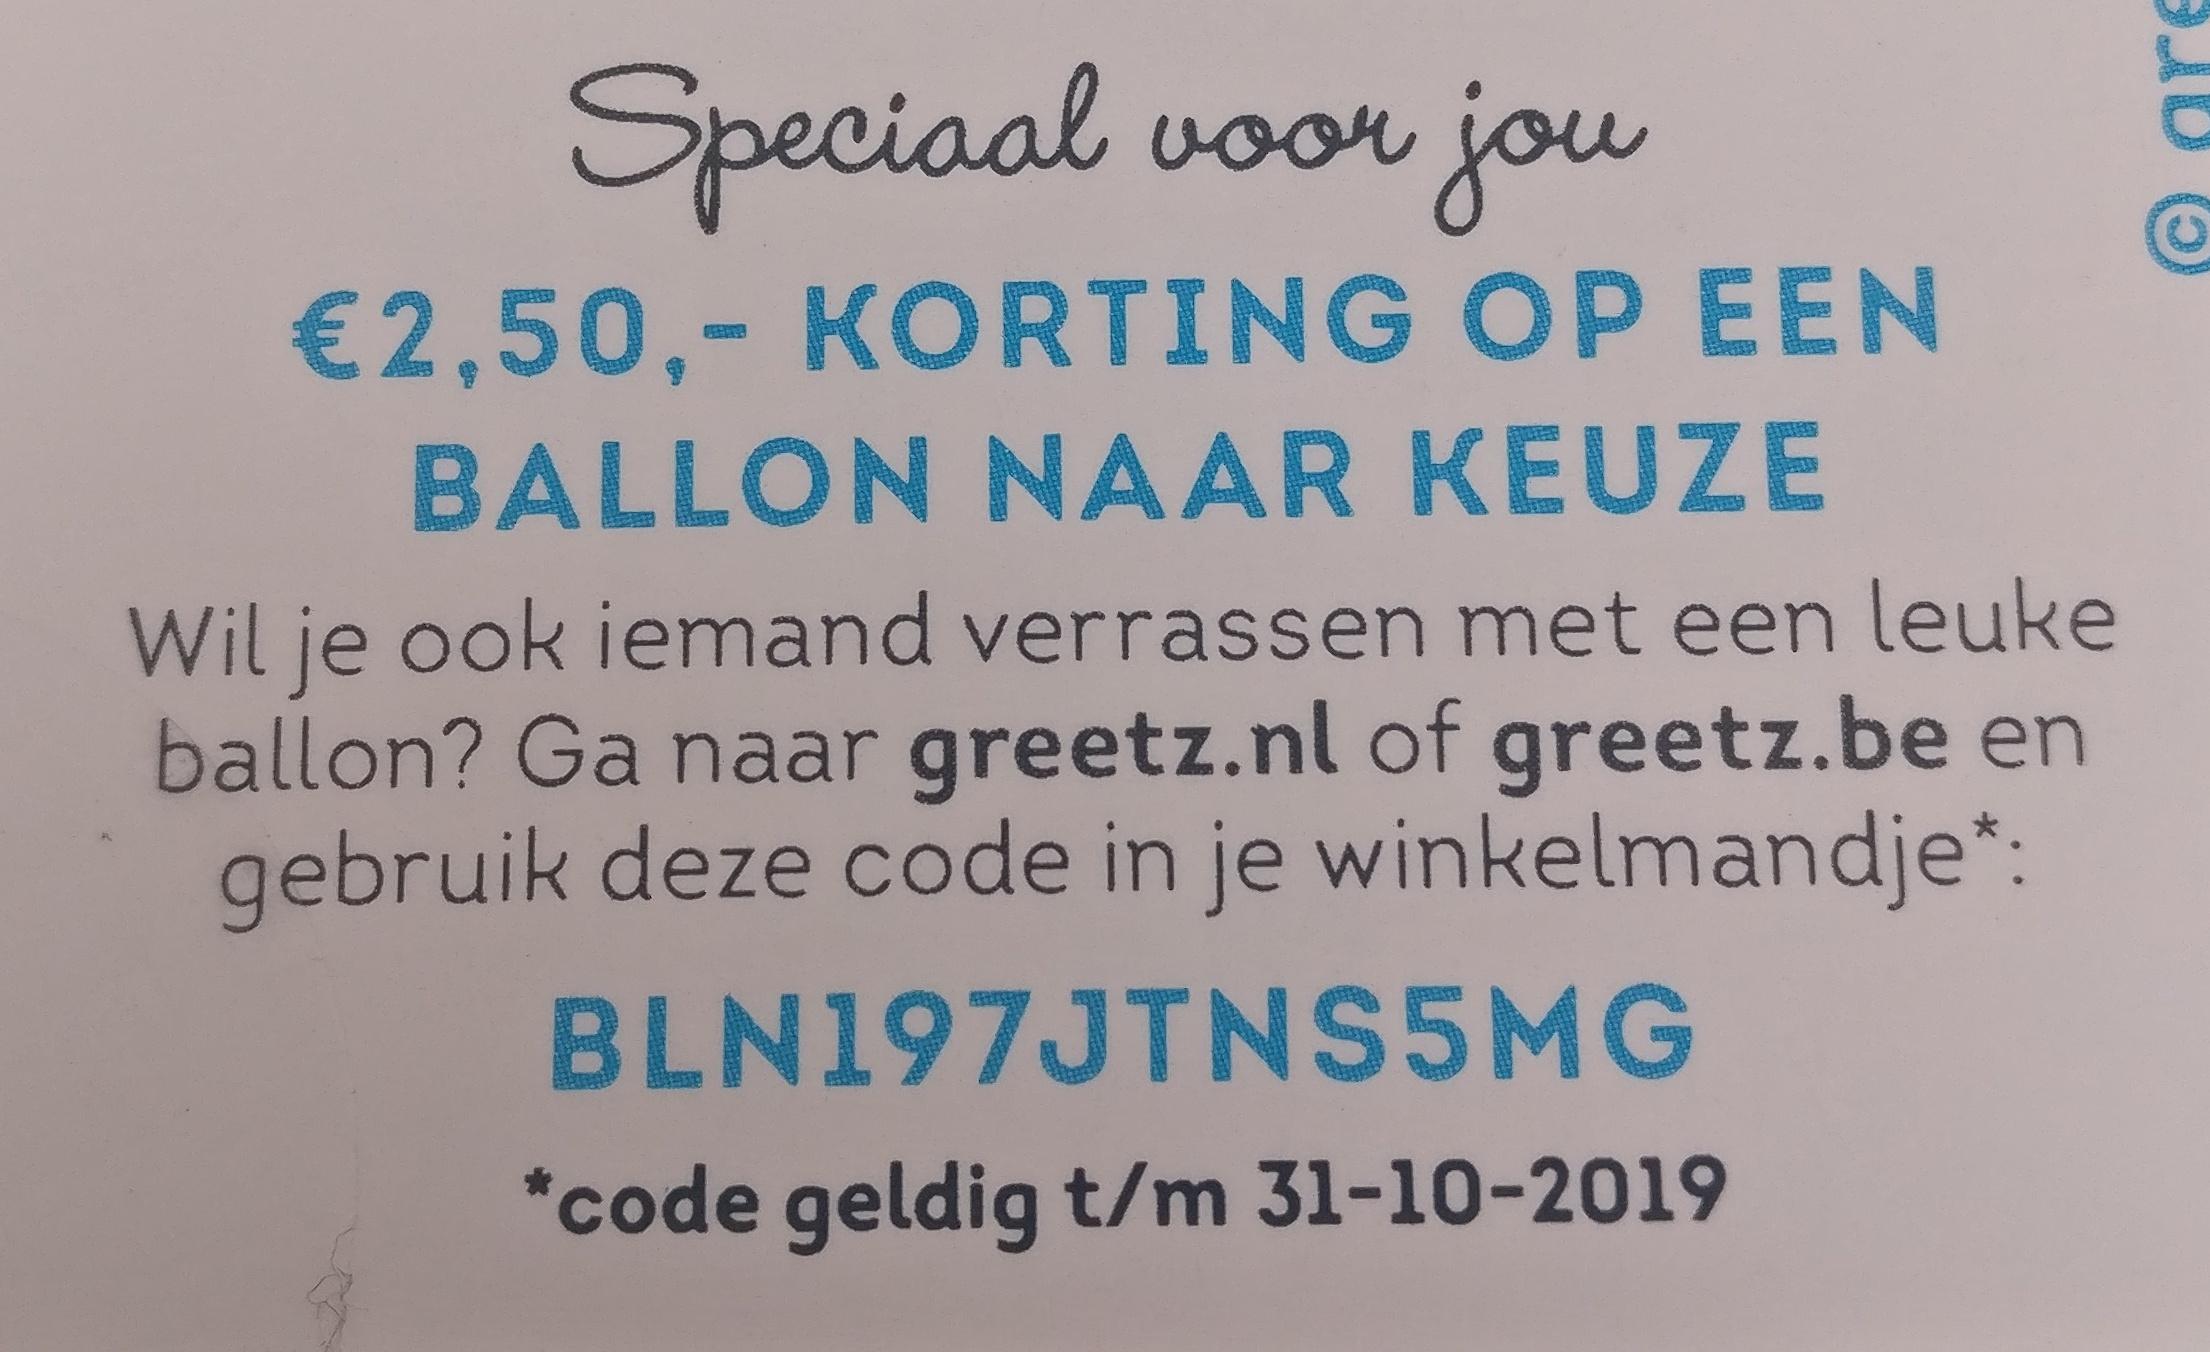 €2,50 korting op een ballon naar keuze